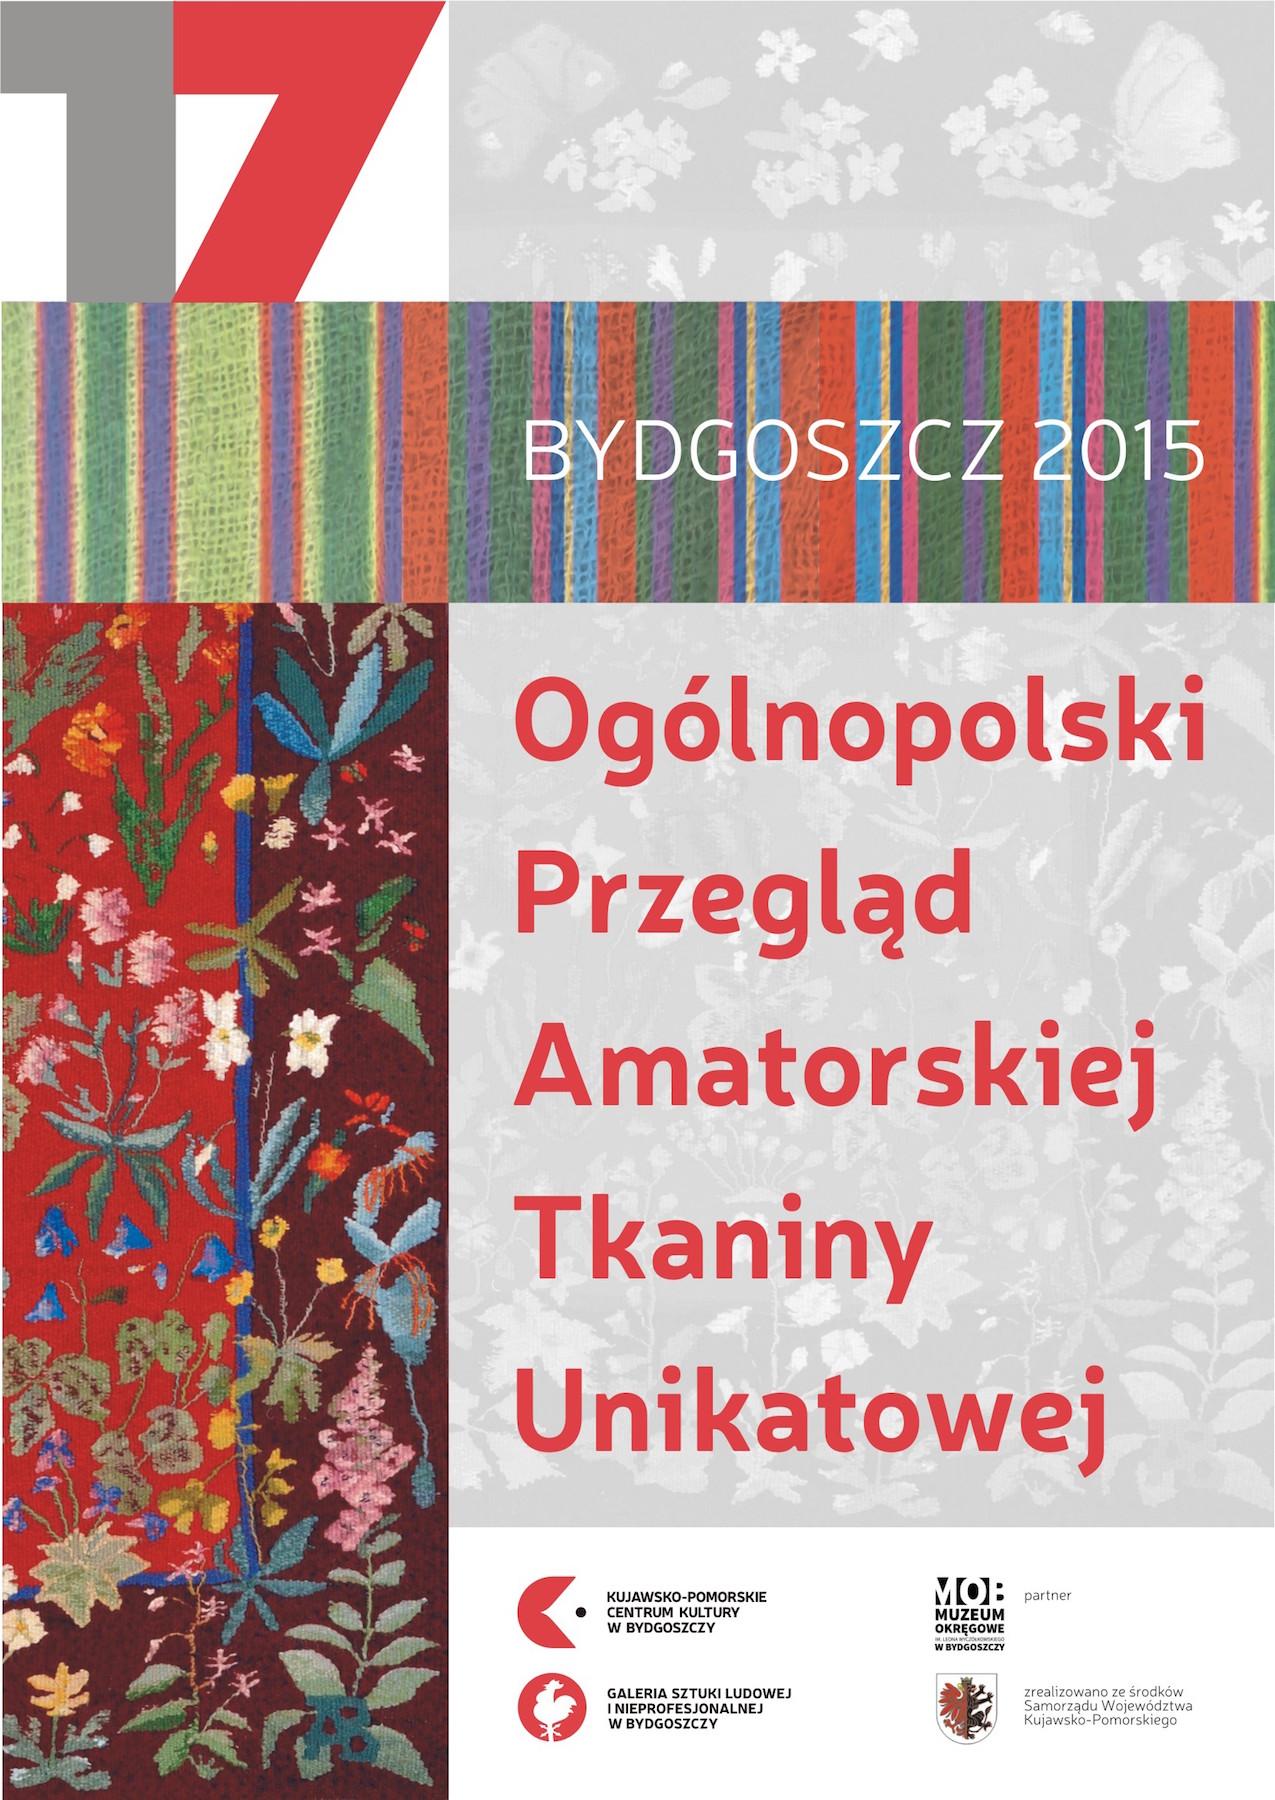 17. Ogólnopolski Przegląd Amatorskiej Tkaniny Unikatowej, plakat (źródło: materiały prasowe organizatora)